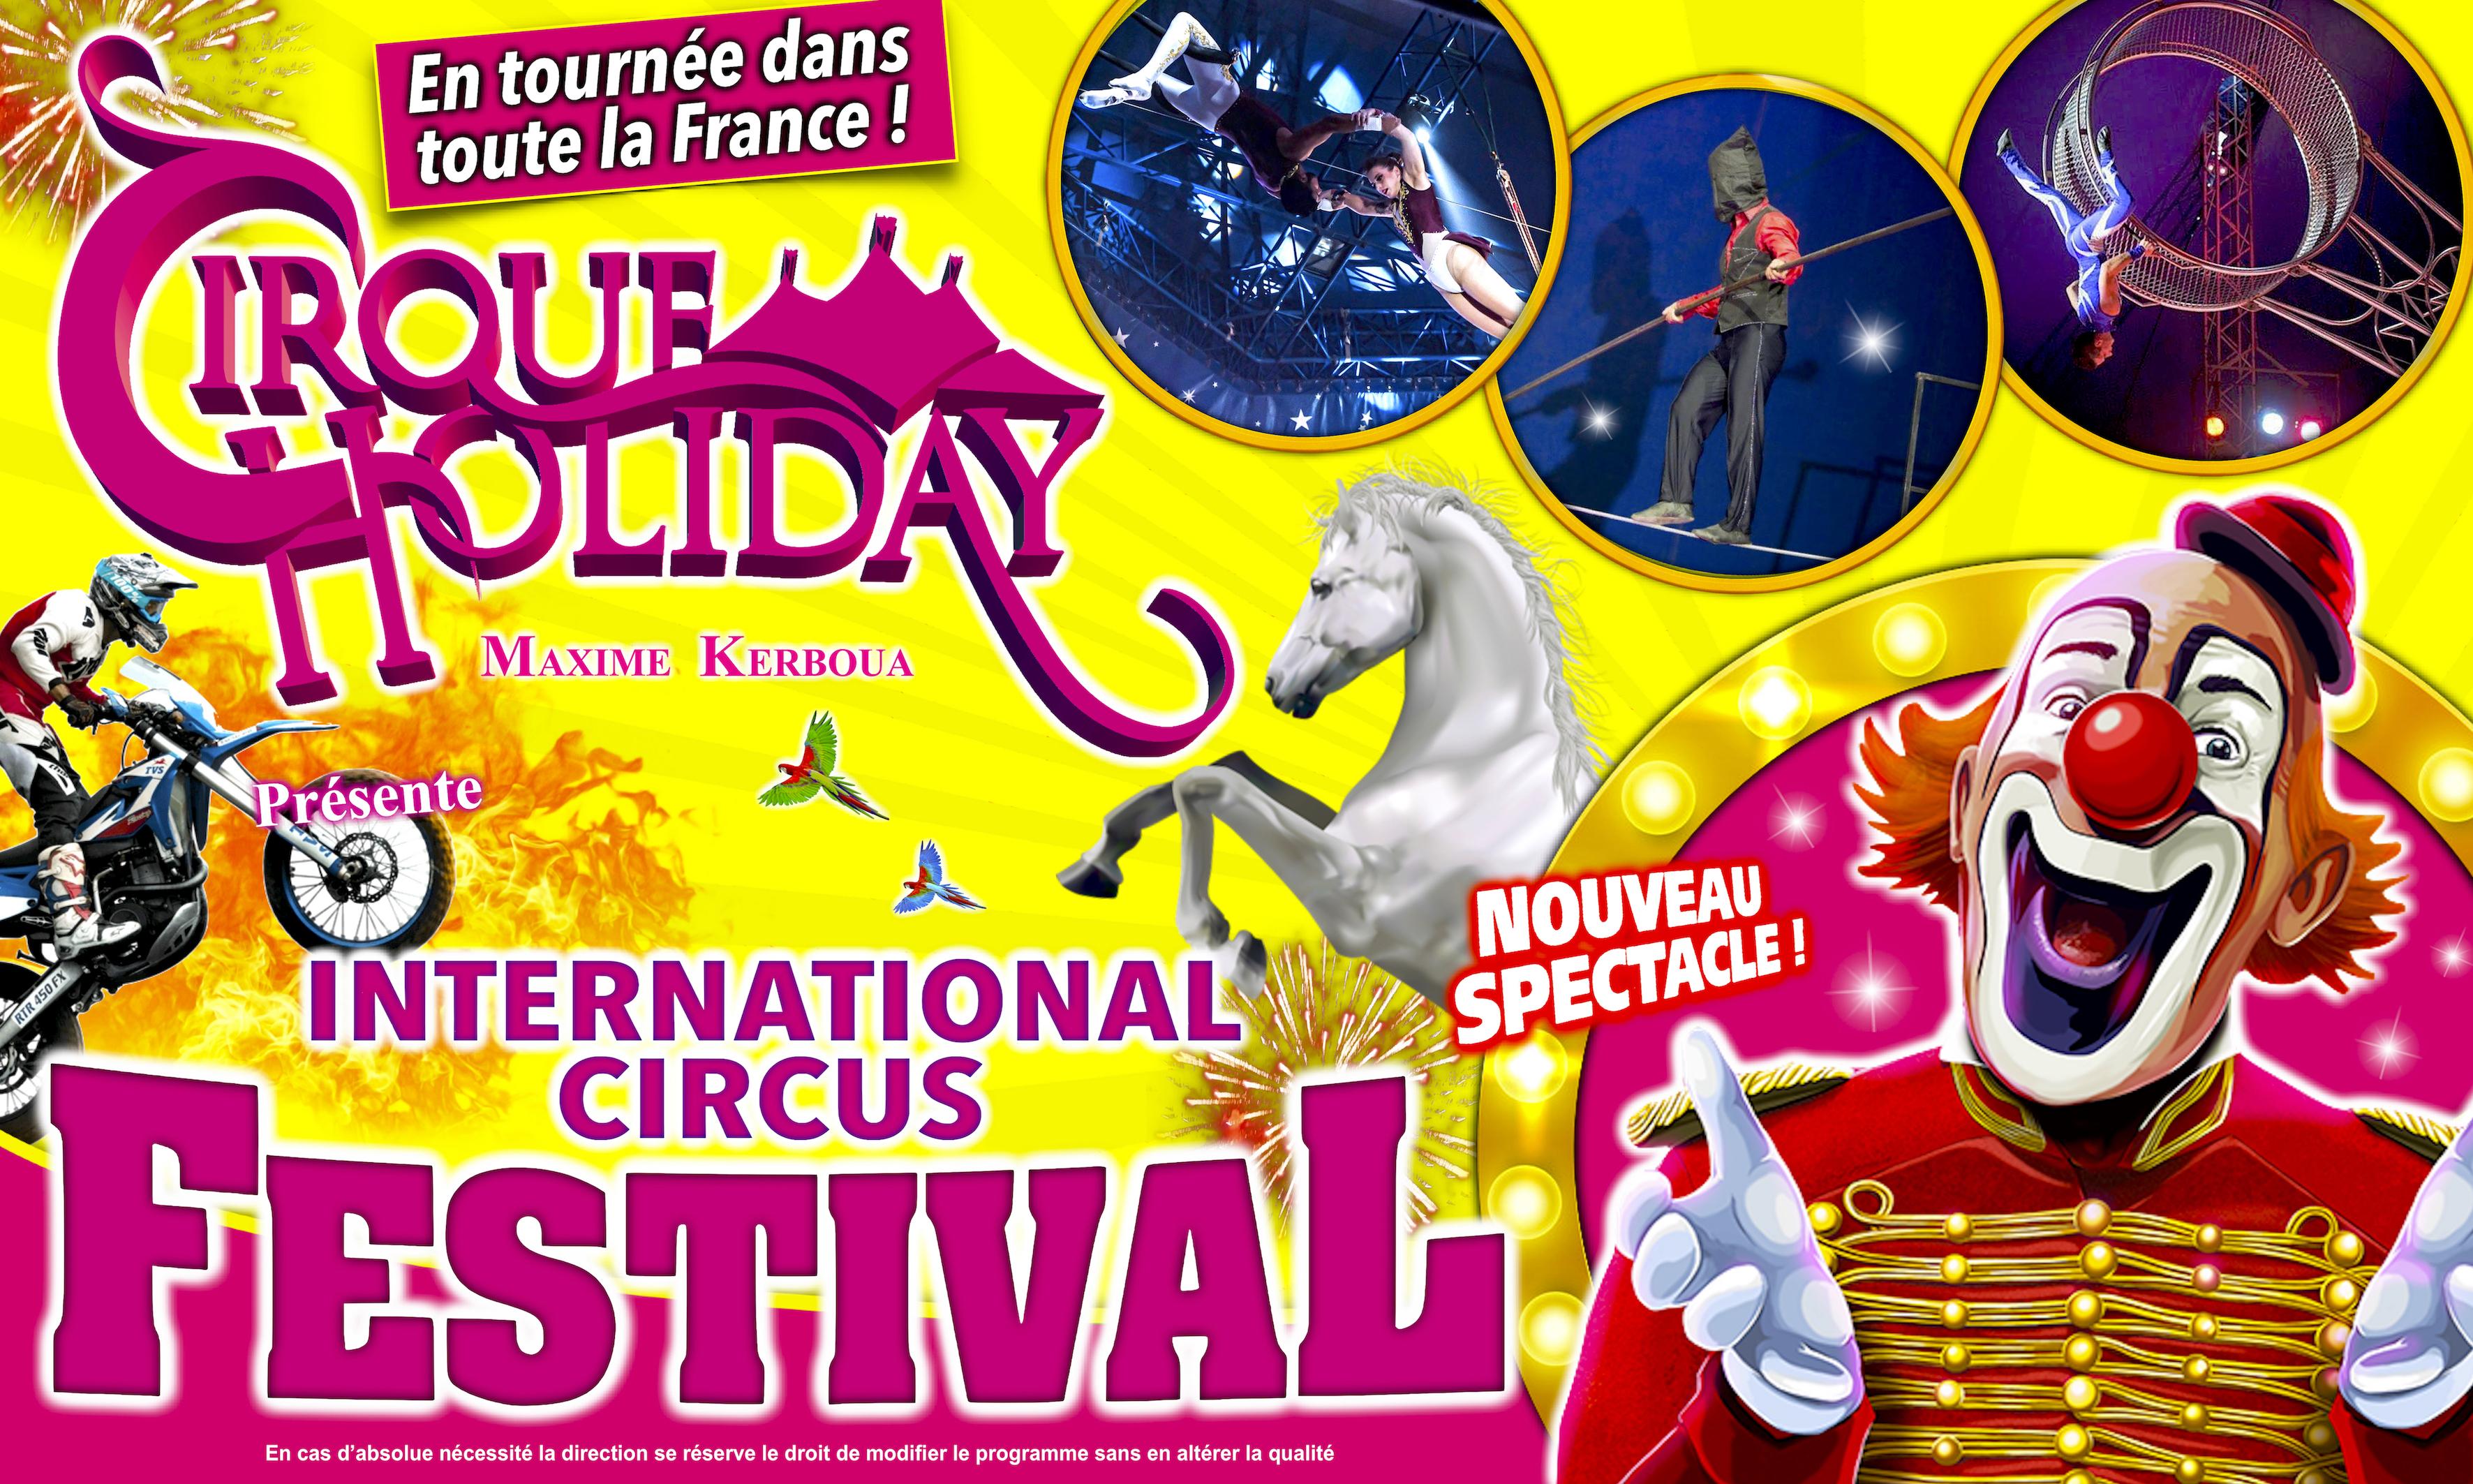 cirque-holiday